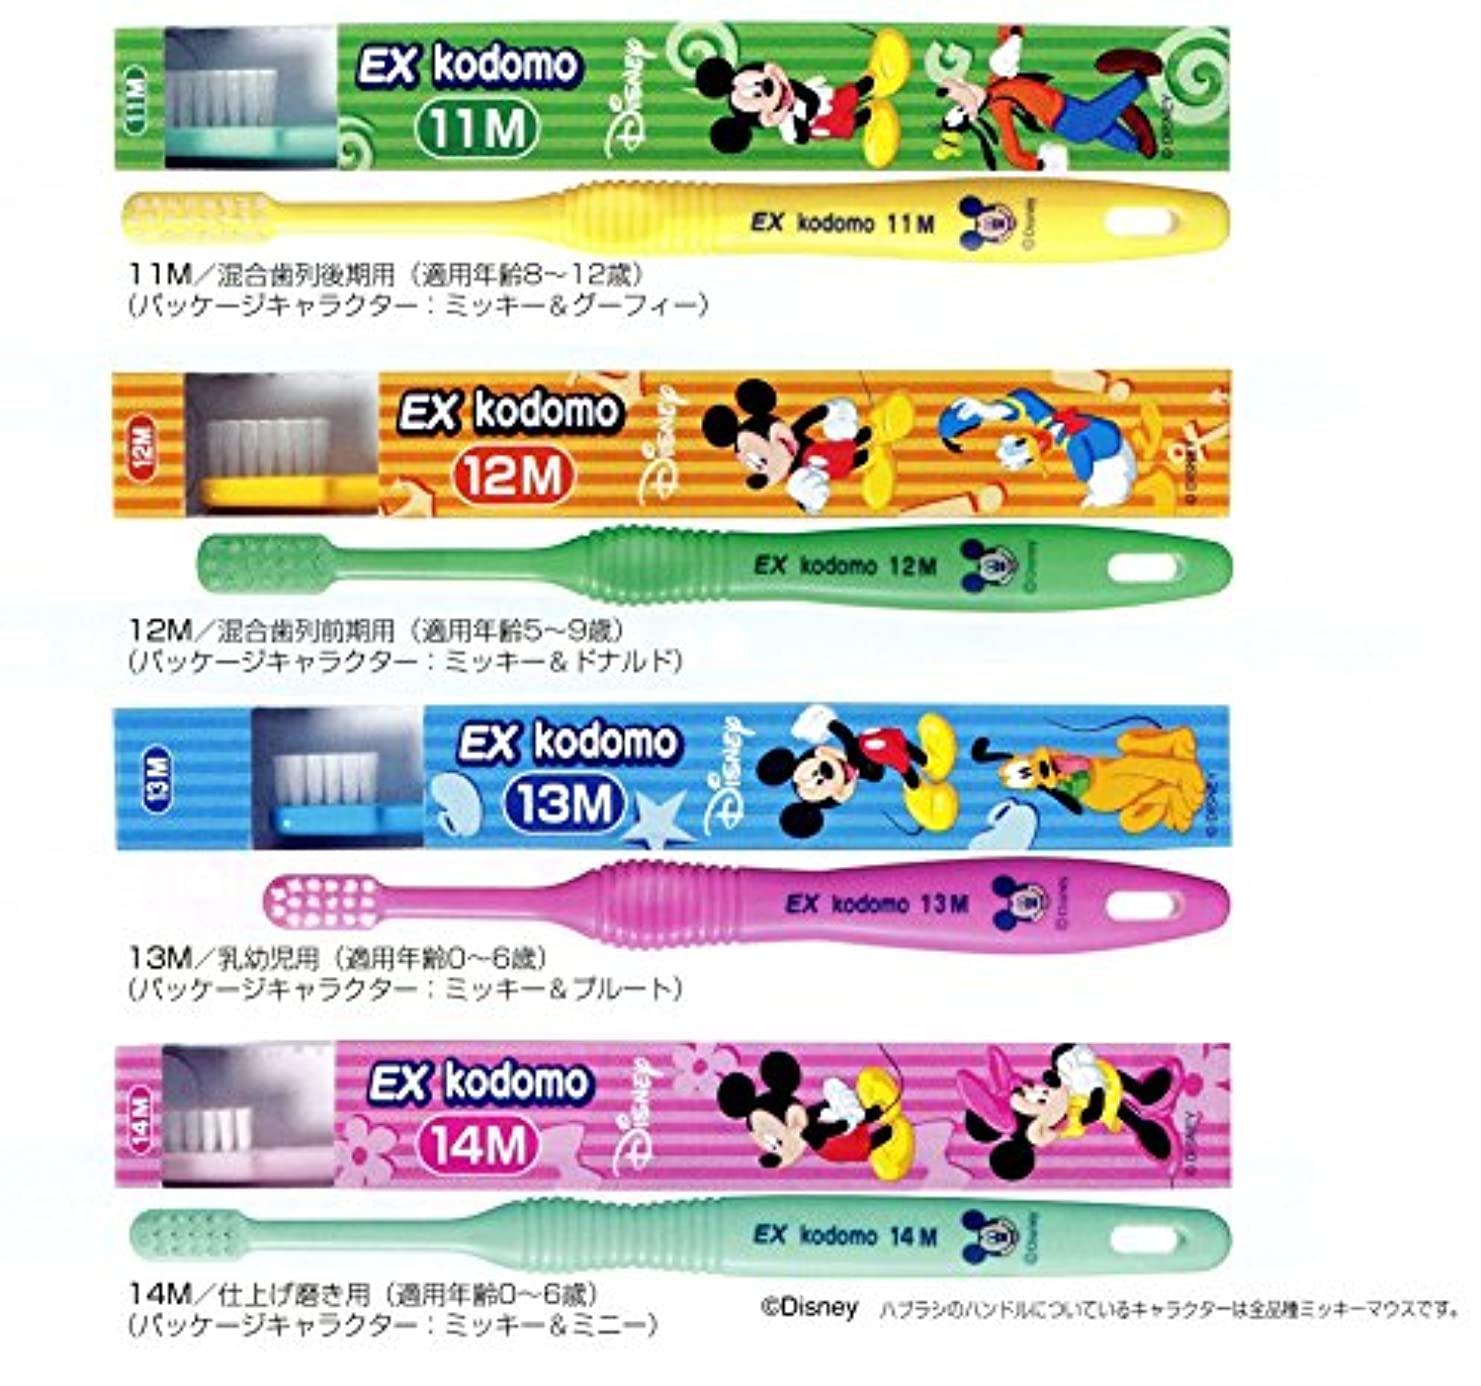 放つコンパニオンセントライオン コドモ ディズニー DENT.EX kodomo Disney 1本 14M グリーン (仕上げ磨き用?0?6歳)